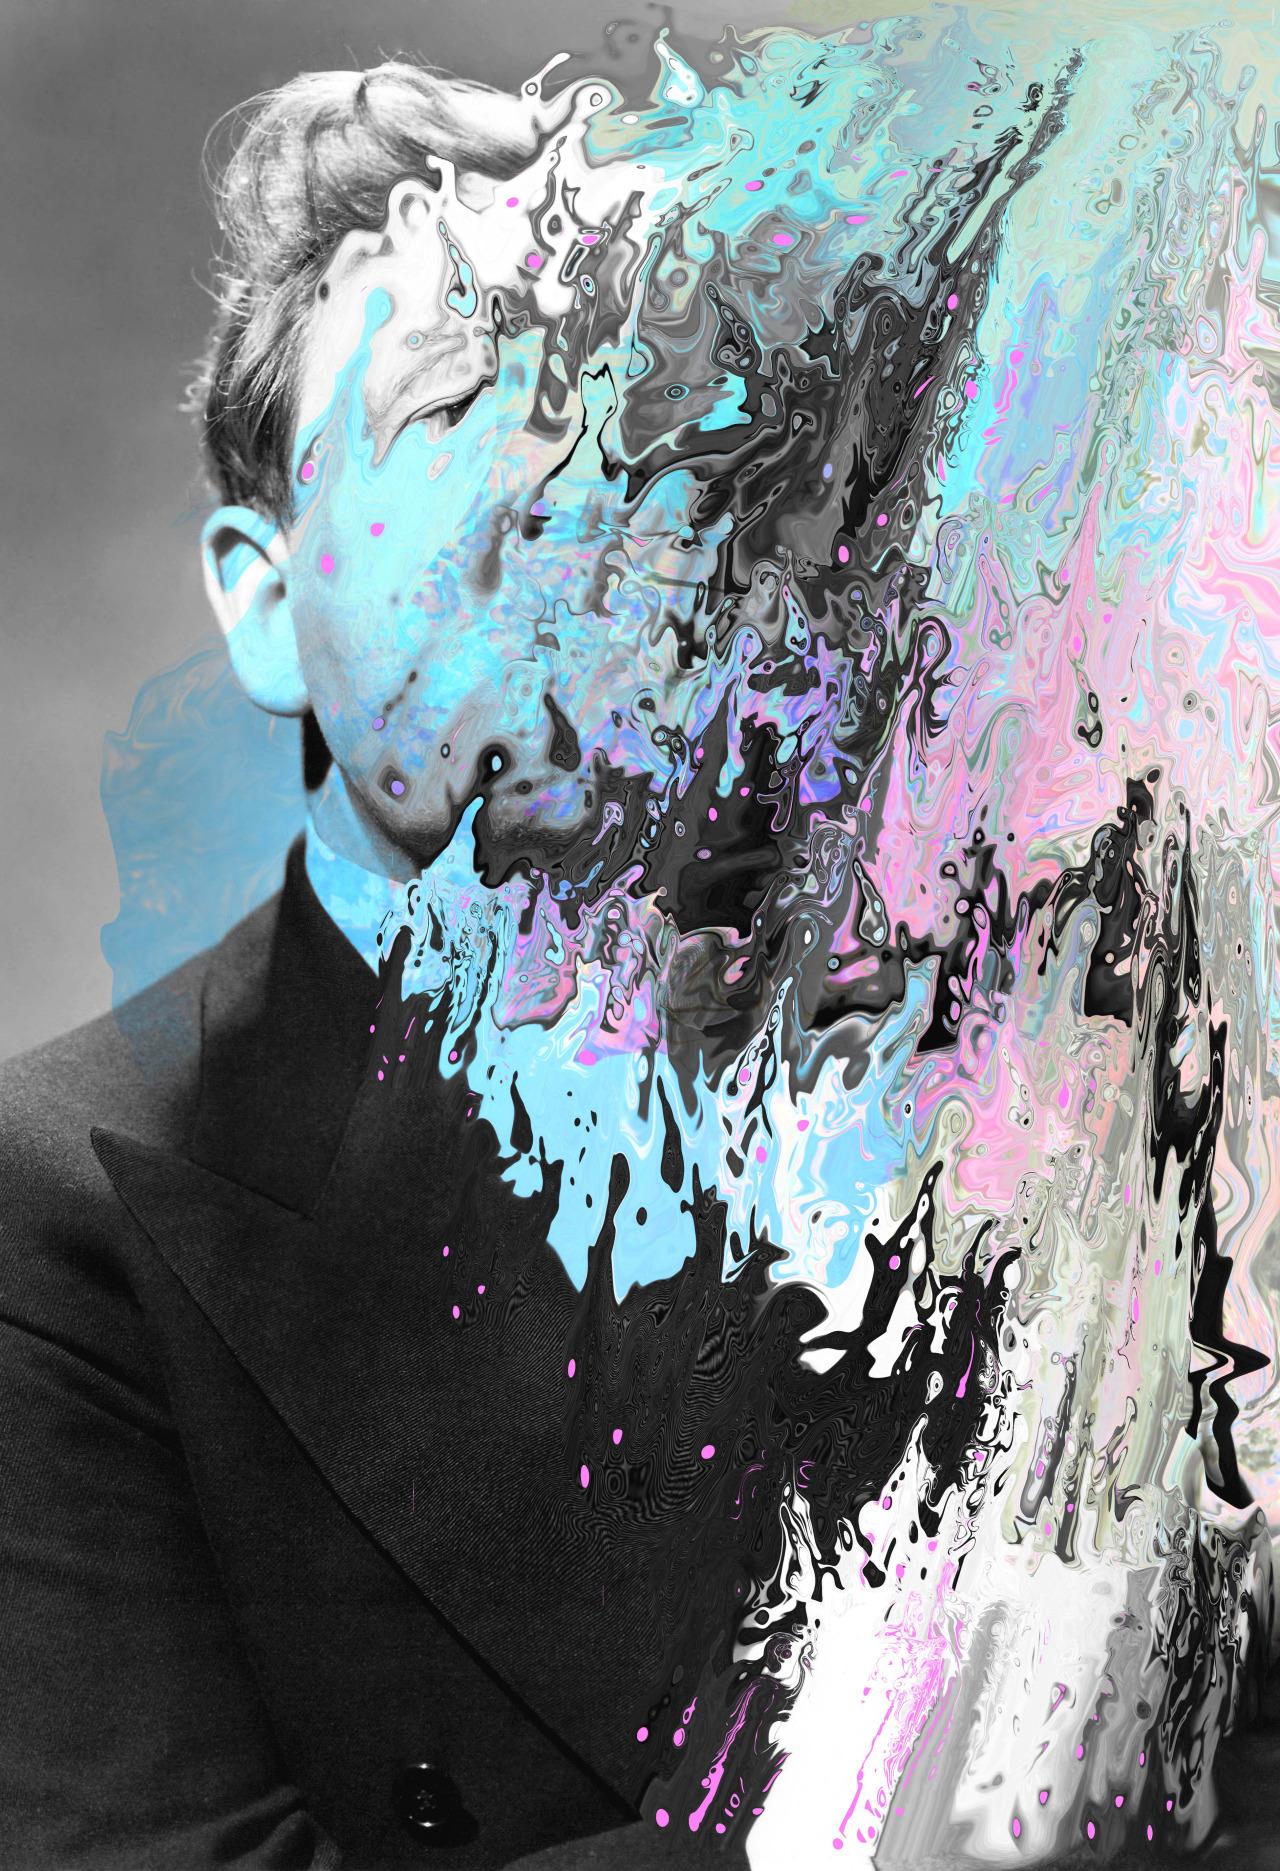 tumblropenarts: Artist Name: Tyler Spangler Tumblr: www.tylerspangler.tumblr.com